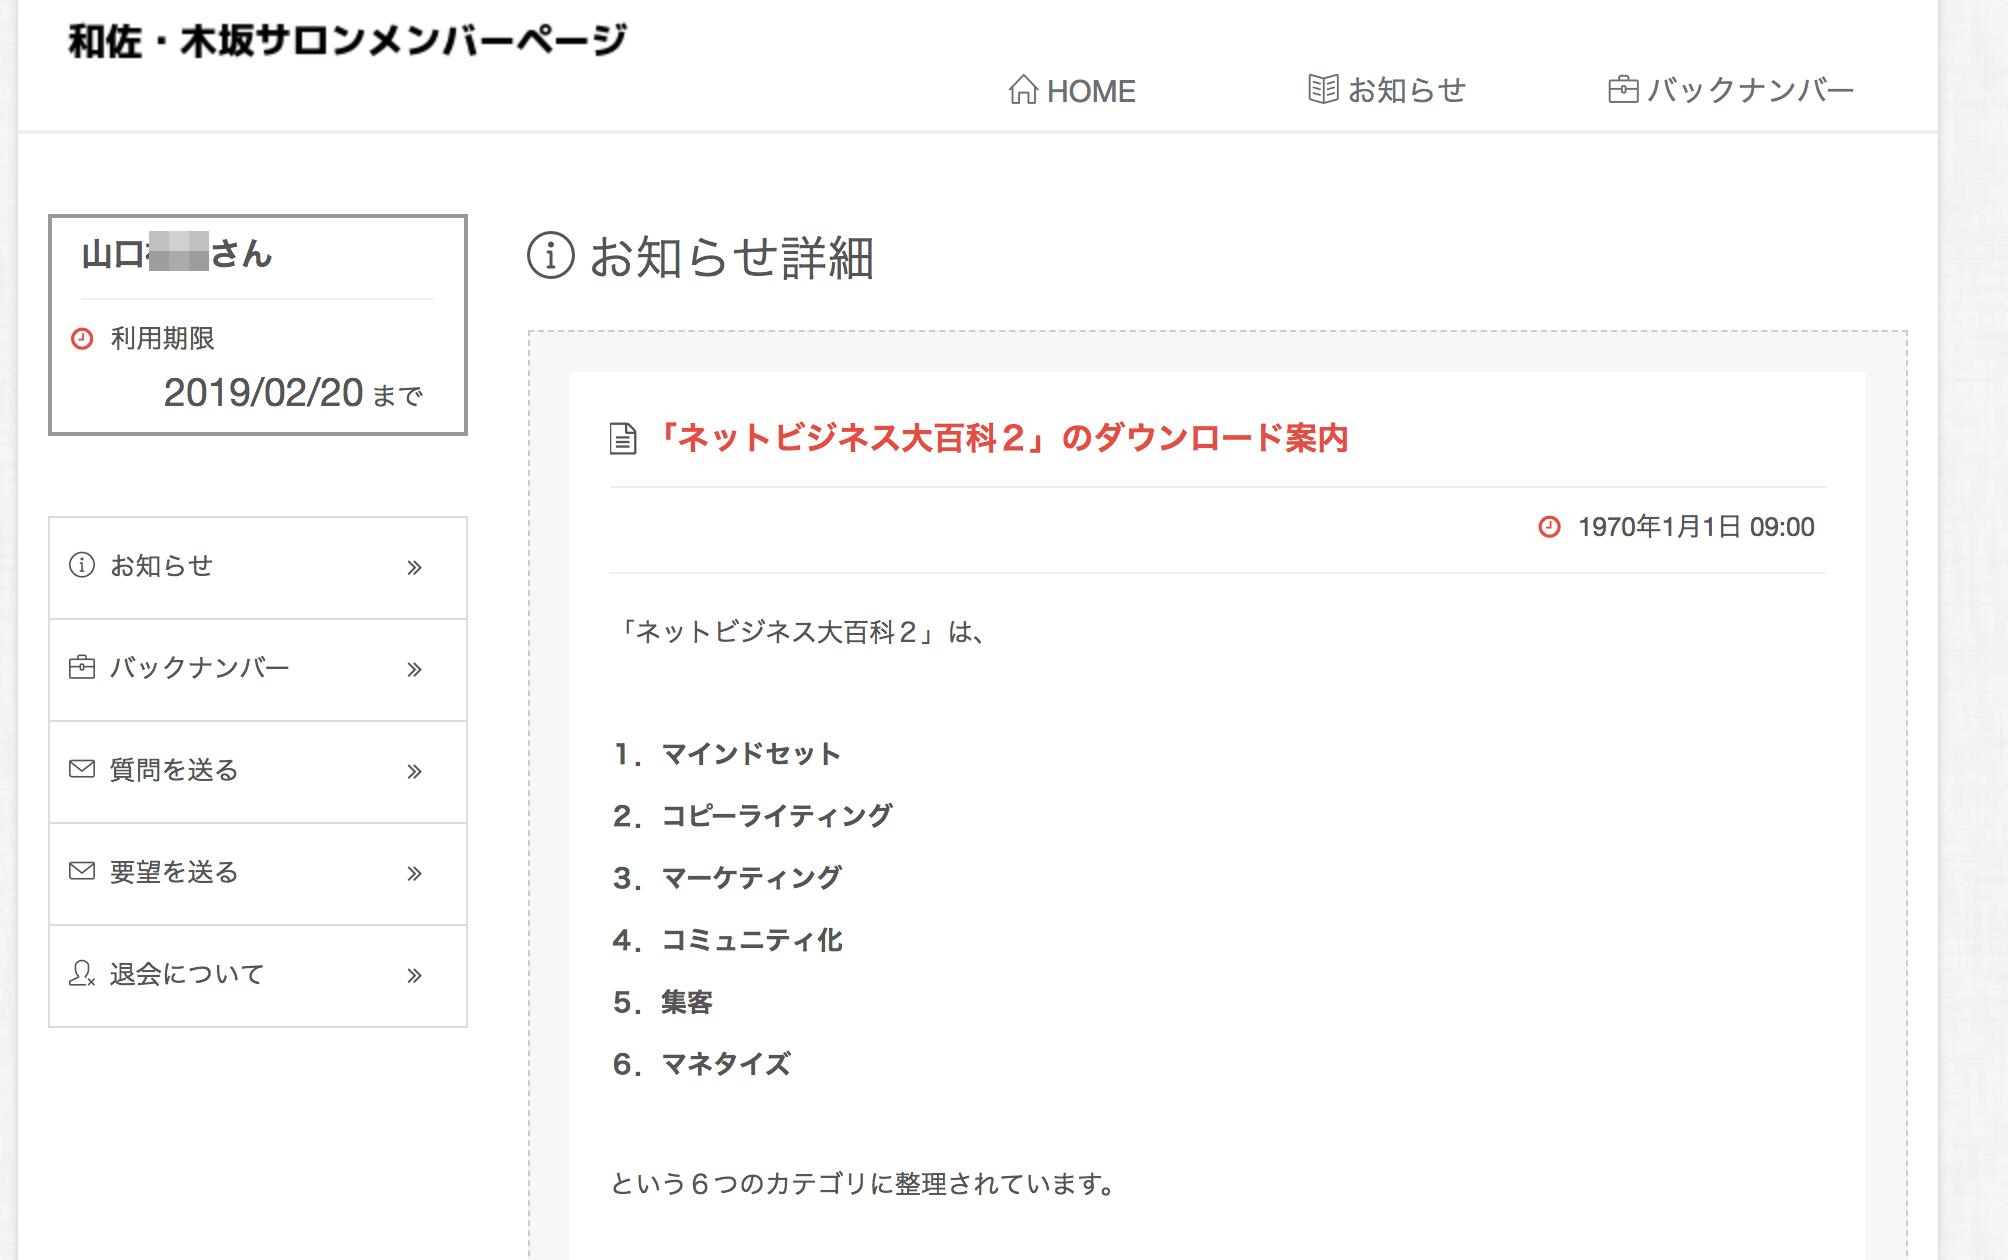 ネットビジネス大百科2(和佐・木坂サロン)